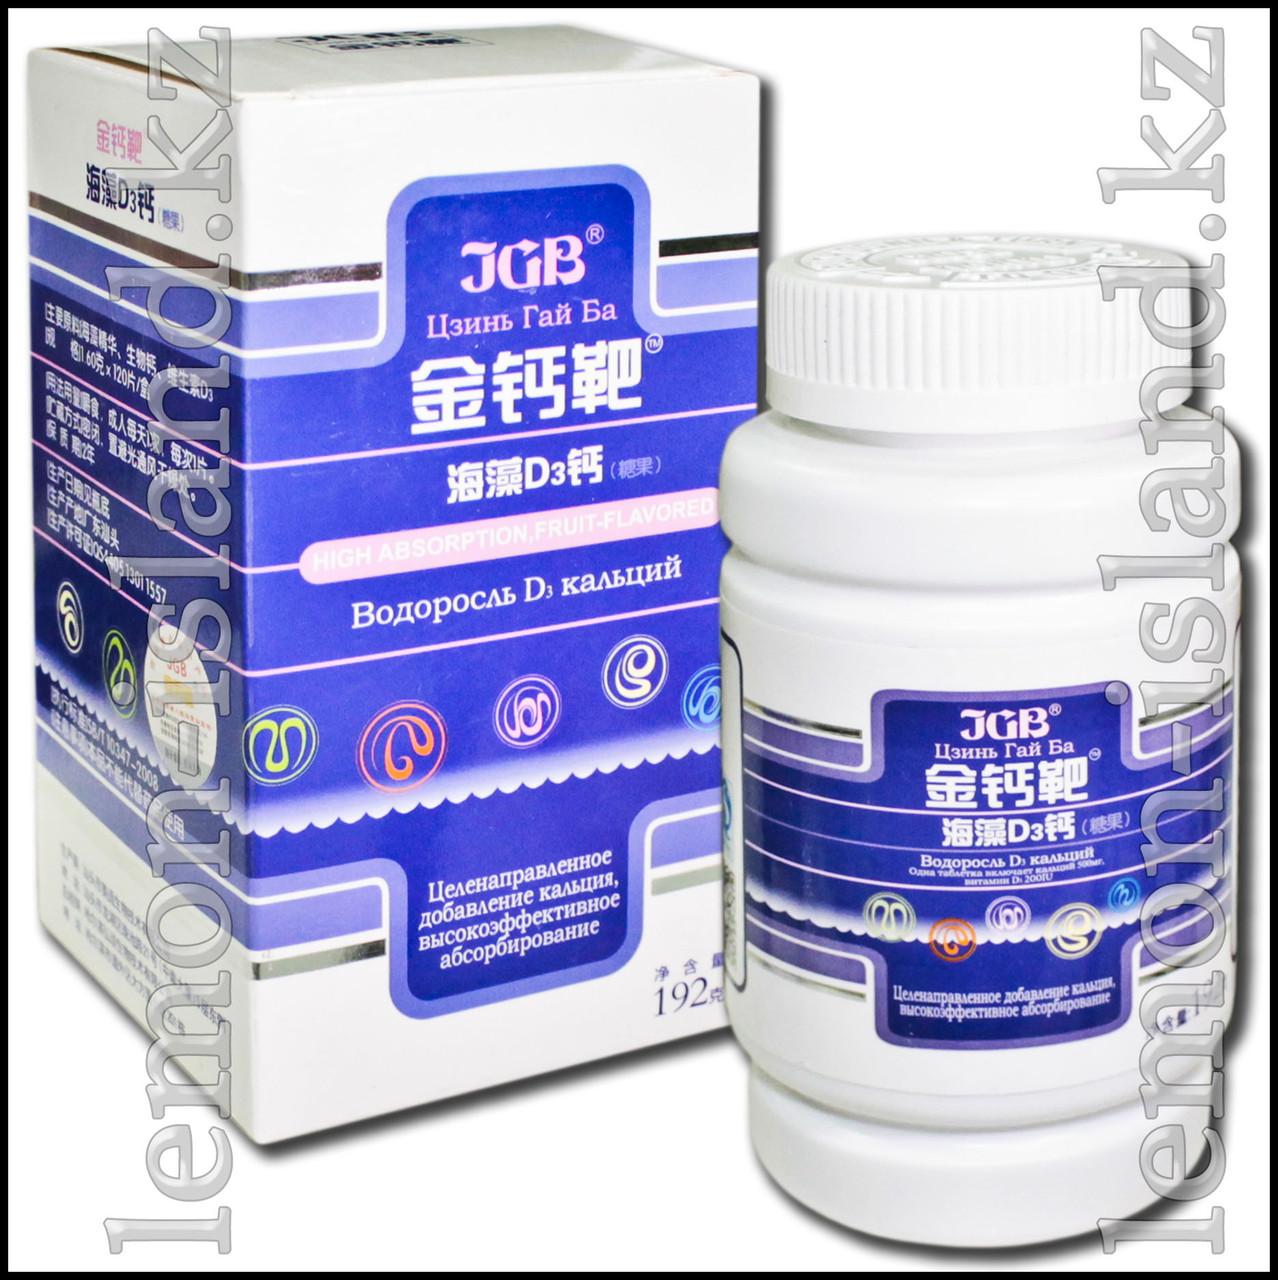 Кальций и витамин D3 в мягких таблетках от Цзинь Гай Ба.